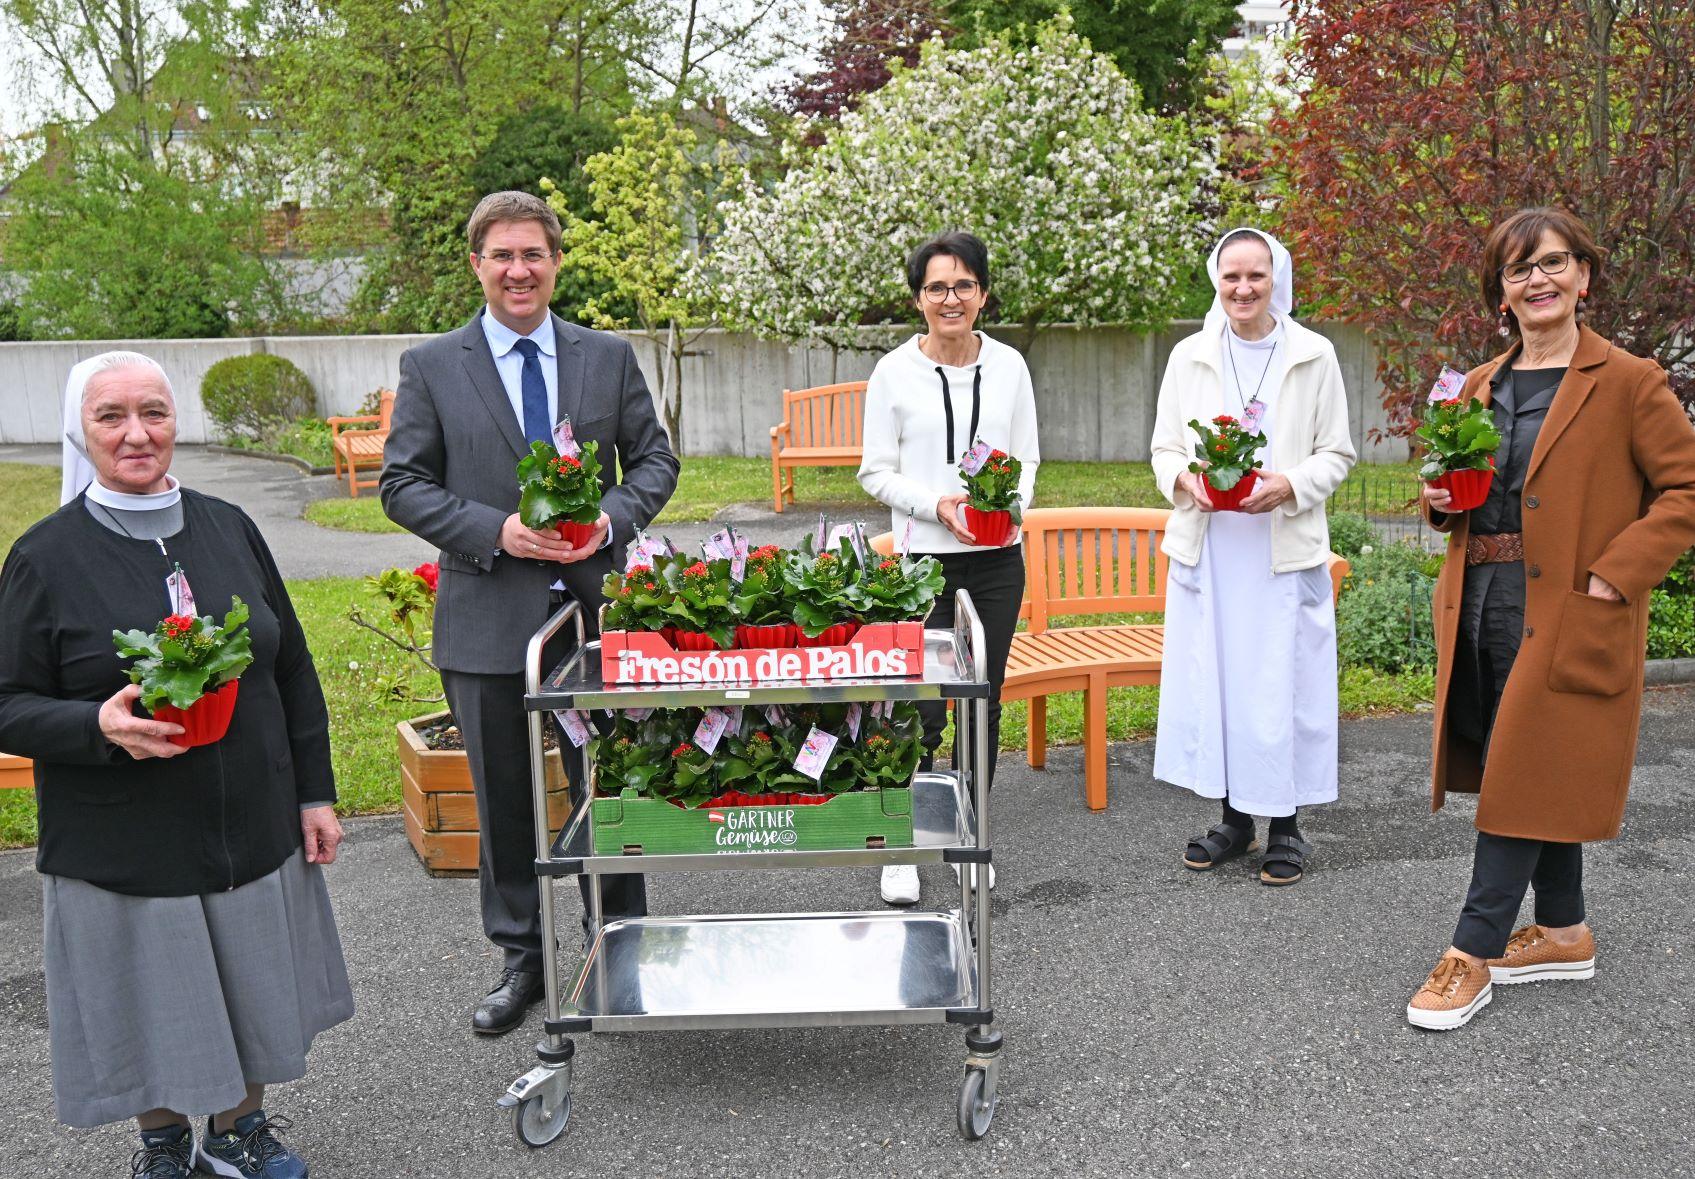 Bürgermeister Dr. Andreas Rabl und Stadträtin Josseck-Herdt übergeben die Blumenstöcke an die Bruderliebe